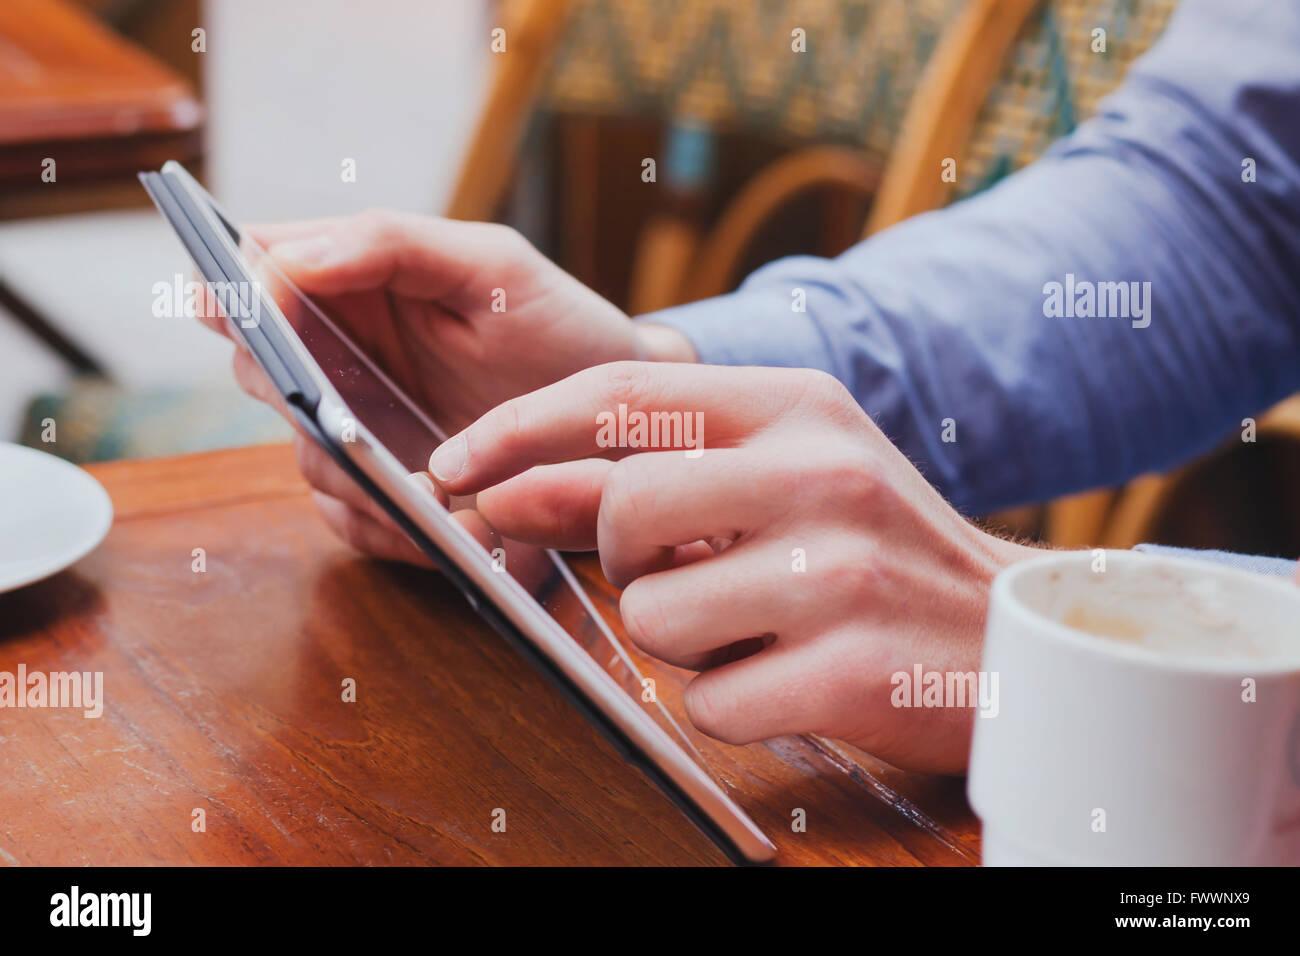 La comprobación de correo electrónico sobre el touchpad, cerca de manos usando tableta digital en cafe Imagen De Stock